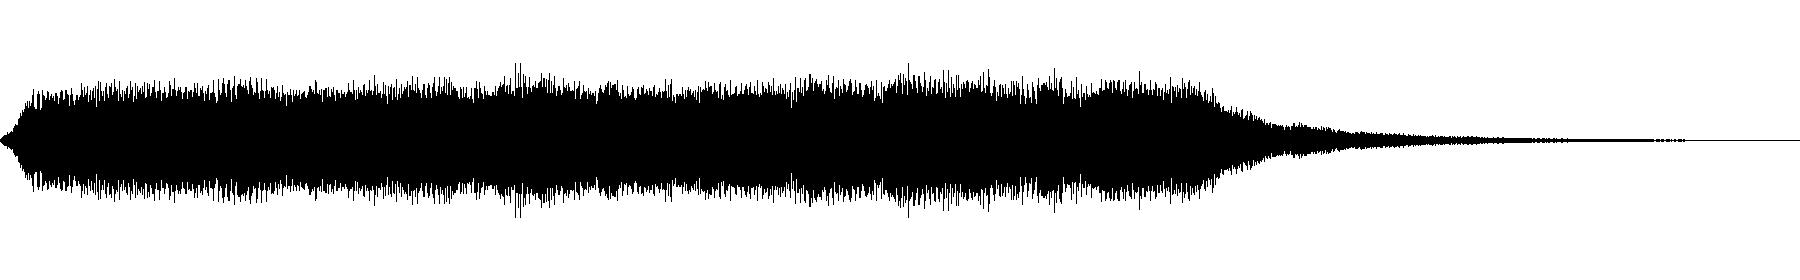 organ b